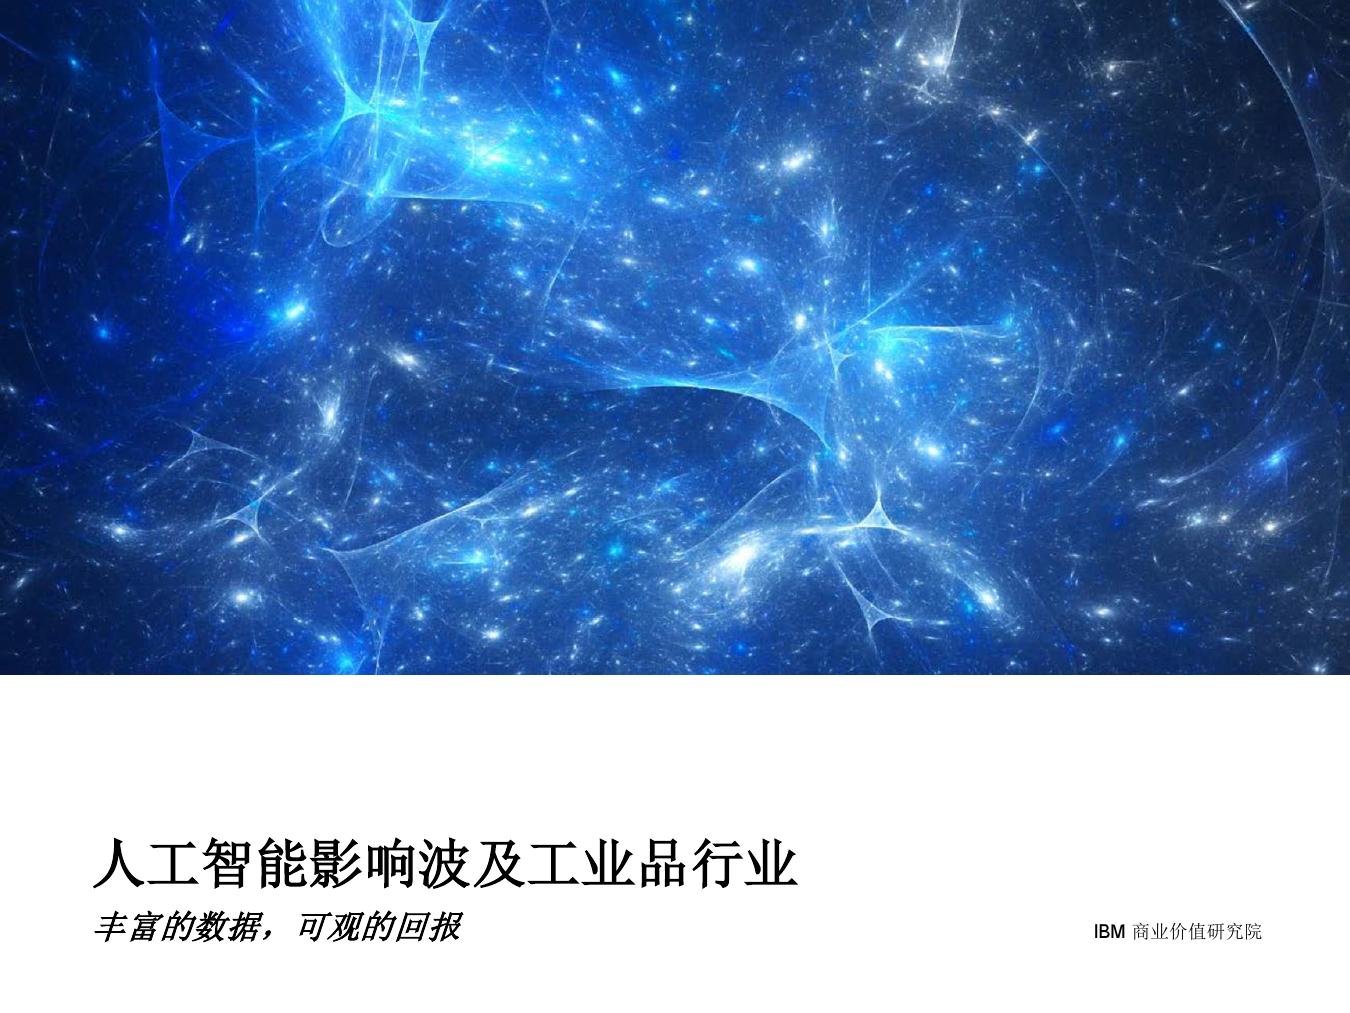 IBM:人工智能影响波及工业品行业(附下载)